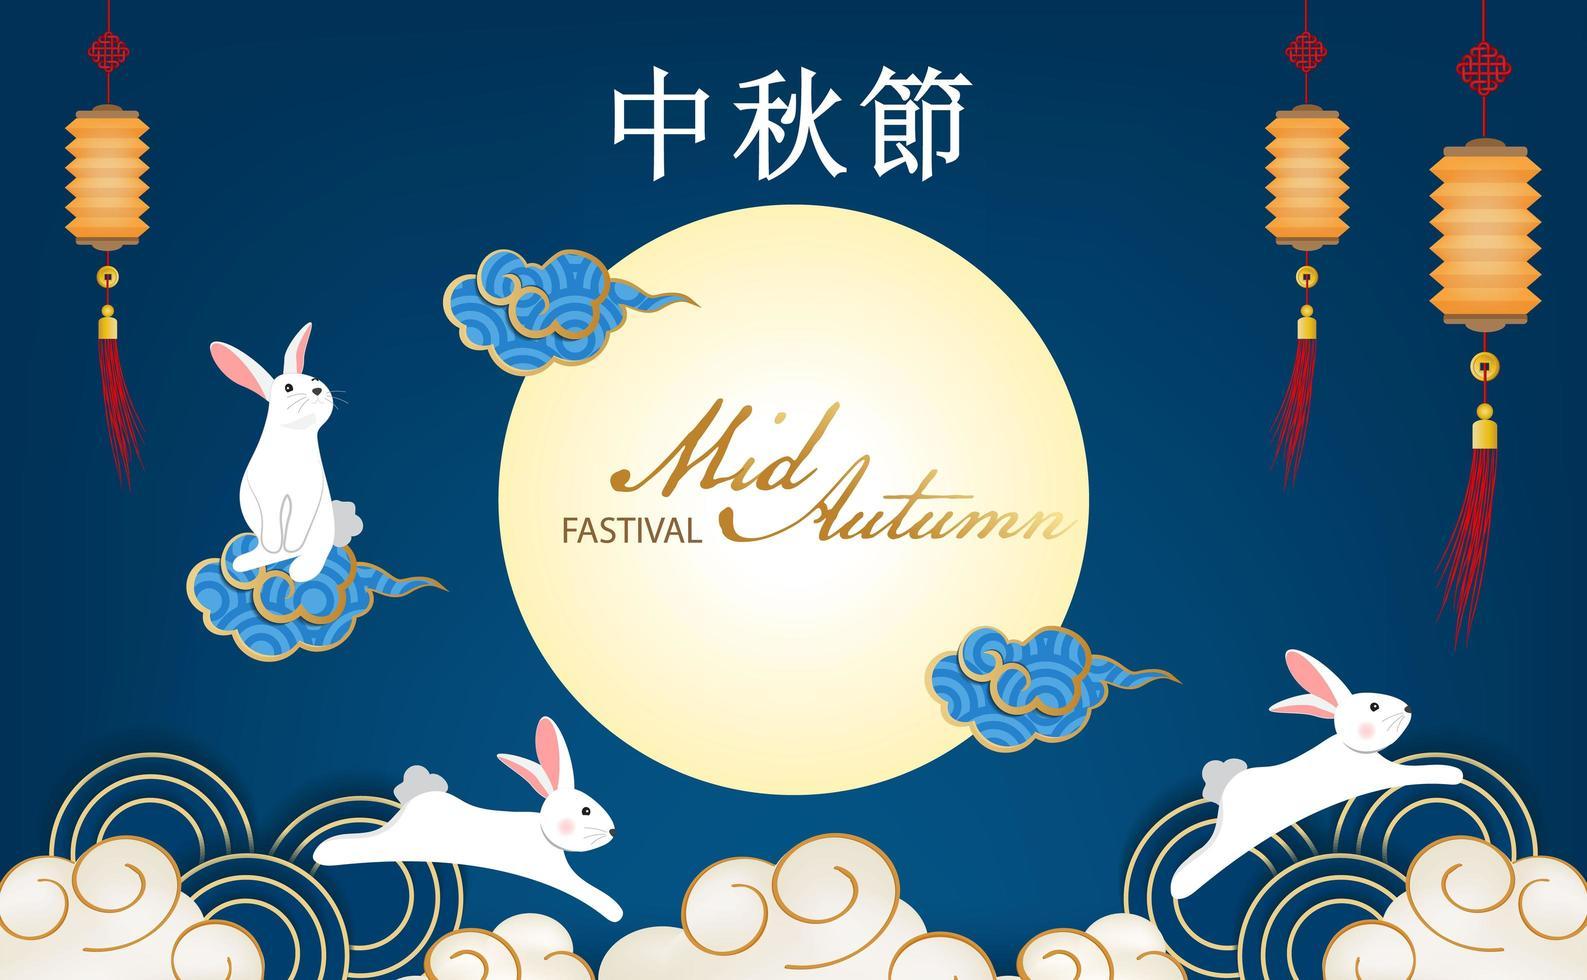 conejos saltando en las nubes diseño chino del festival del medio otoño vector